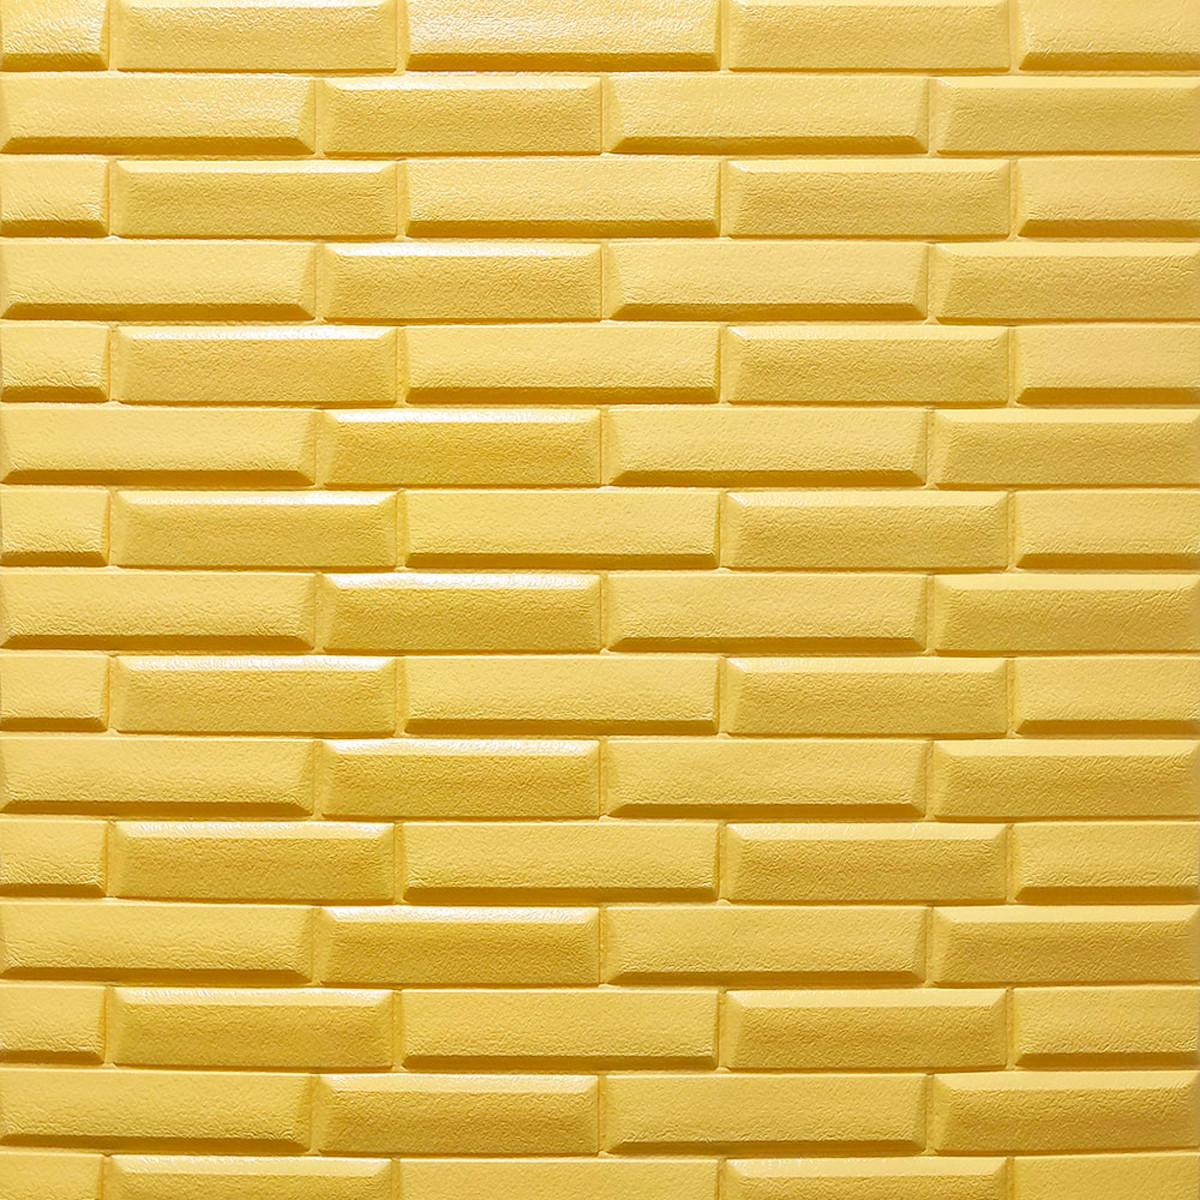 Самоклеющаяся декоративная 3D панель желто-песочная кладка 700x770x7мм